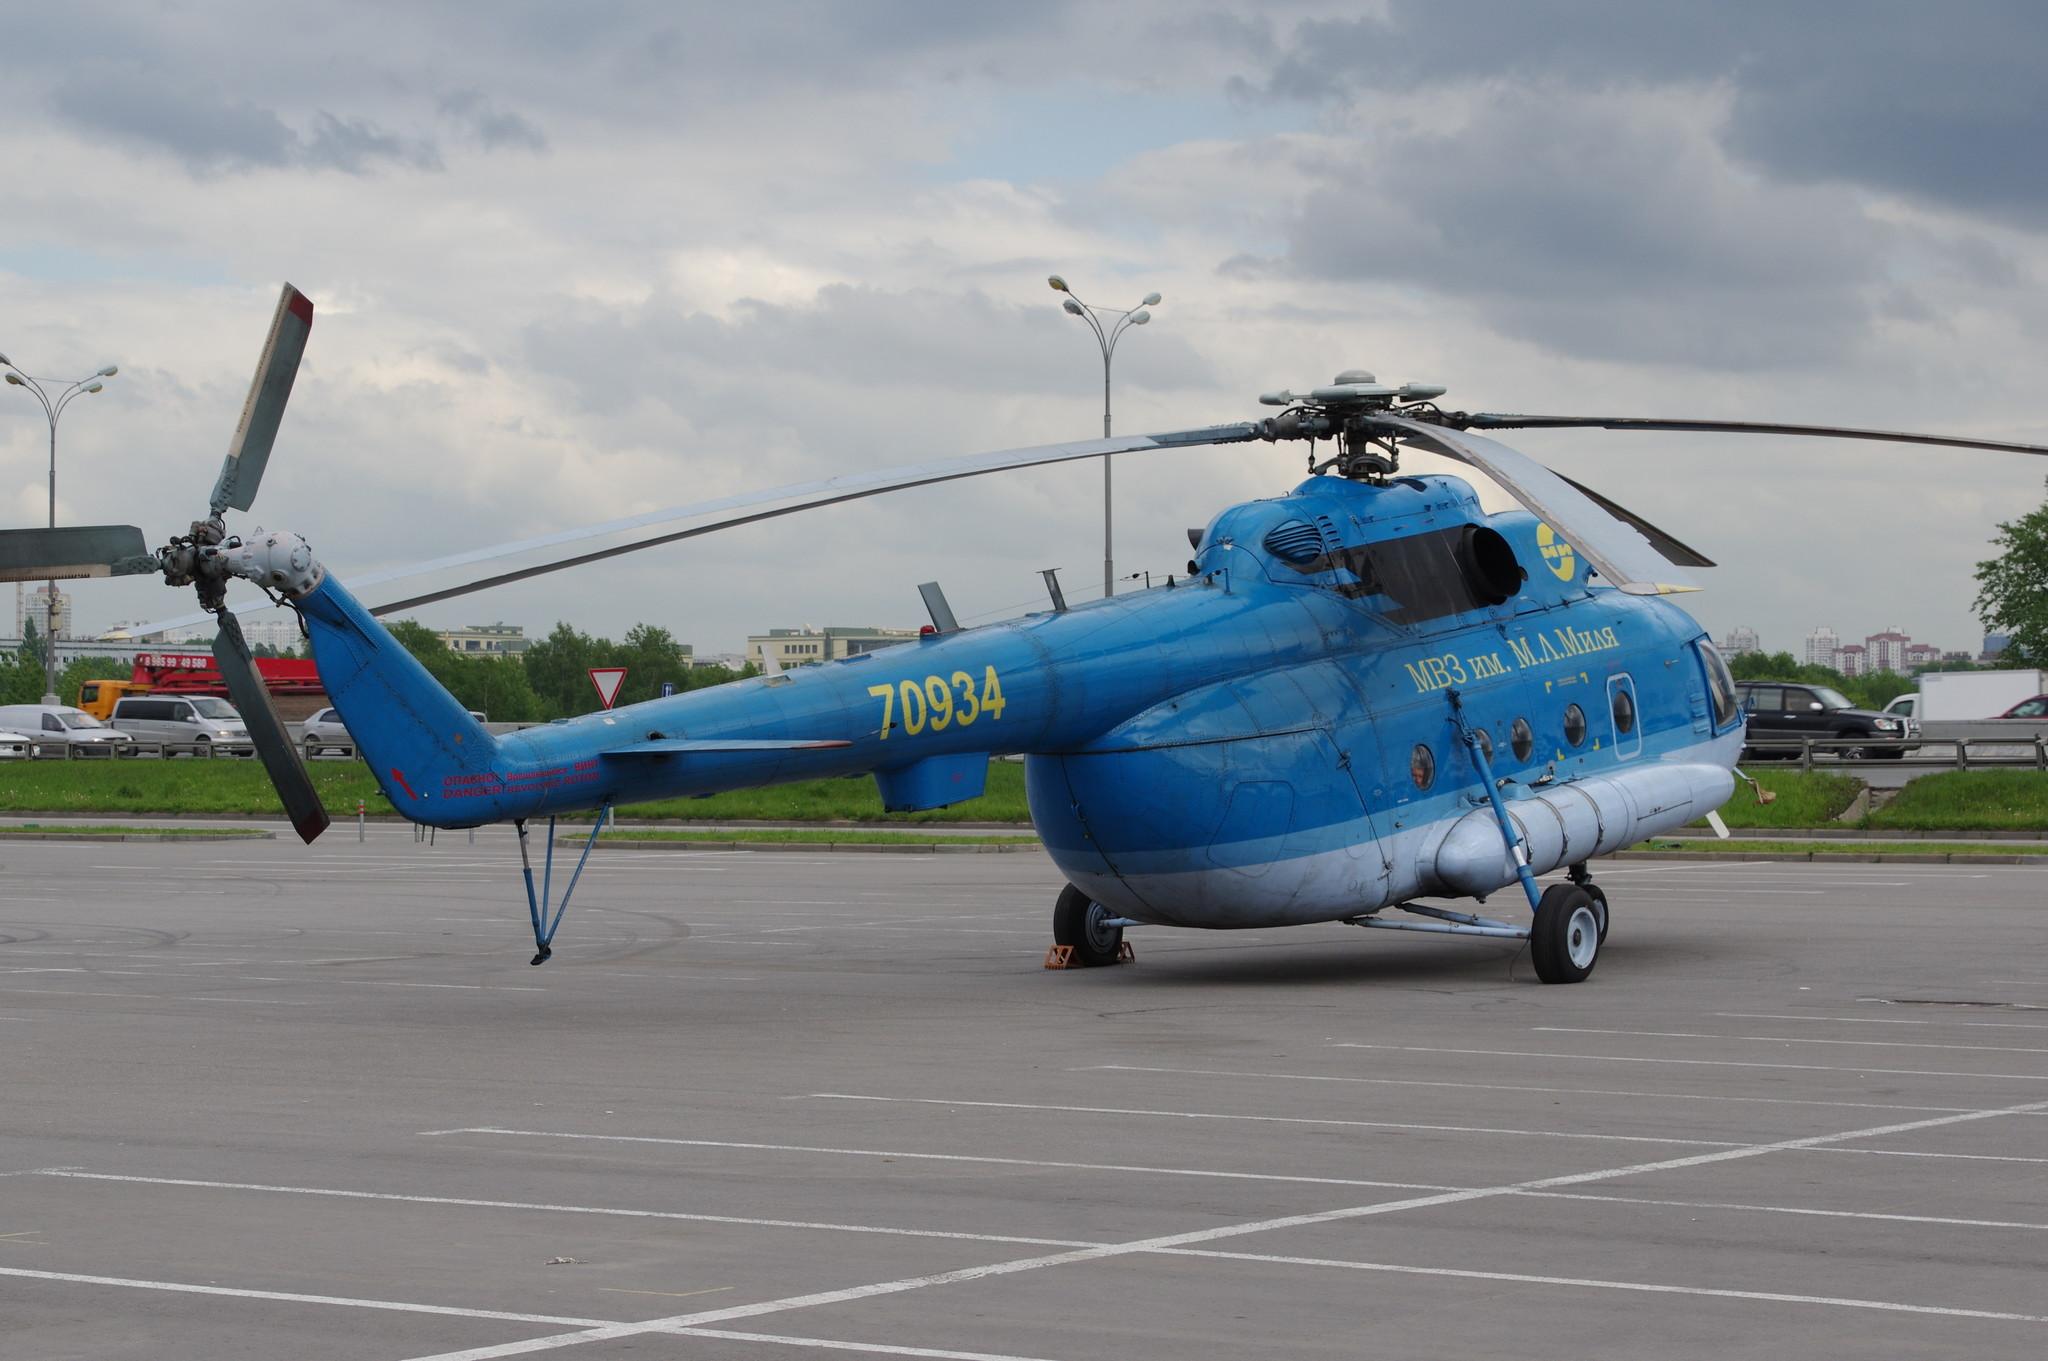 Ми-8МТ (бортовой номер RA - 70934) МВЗ им. М.Л. Миля